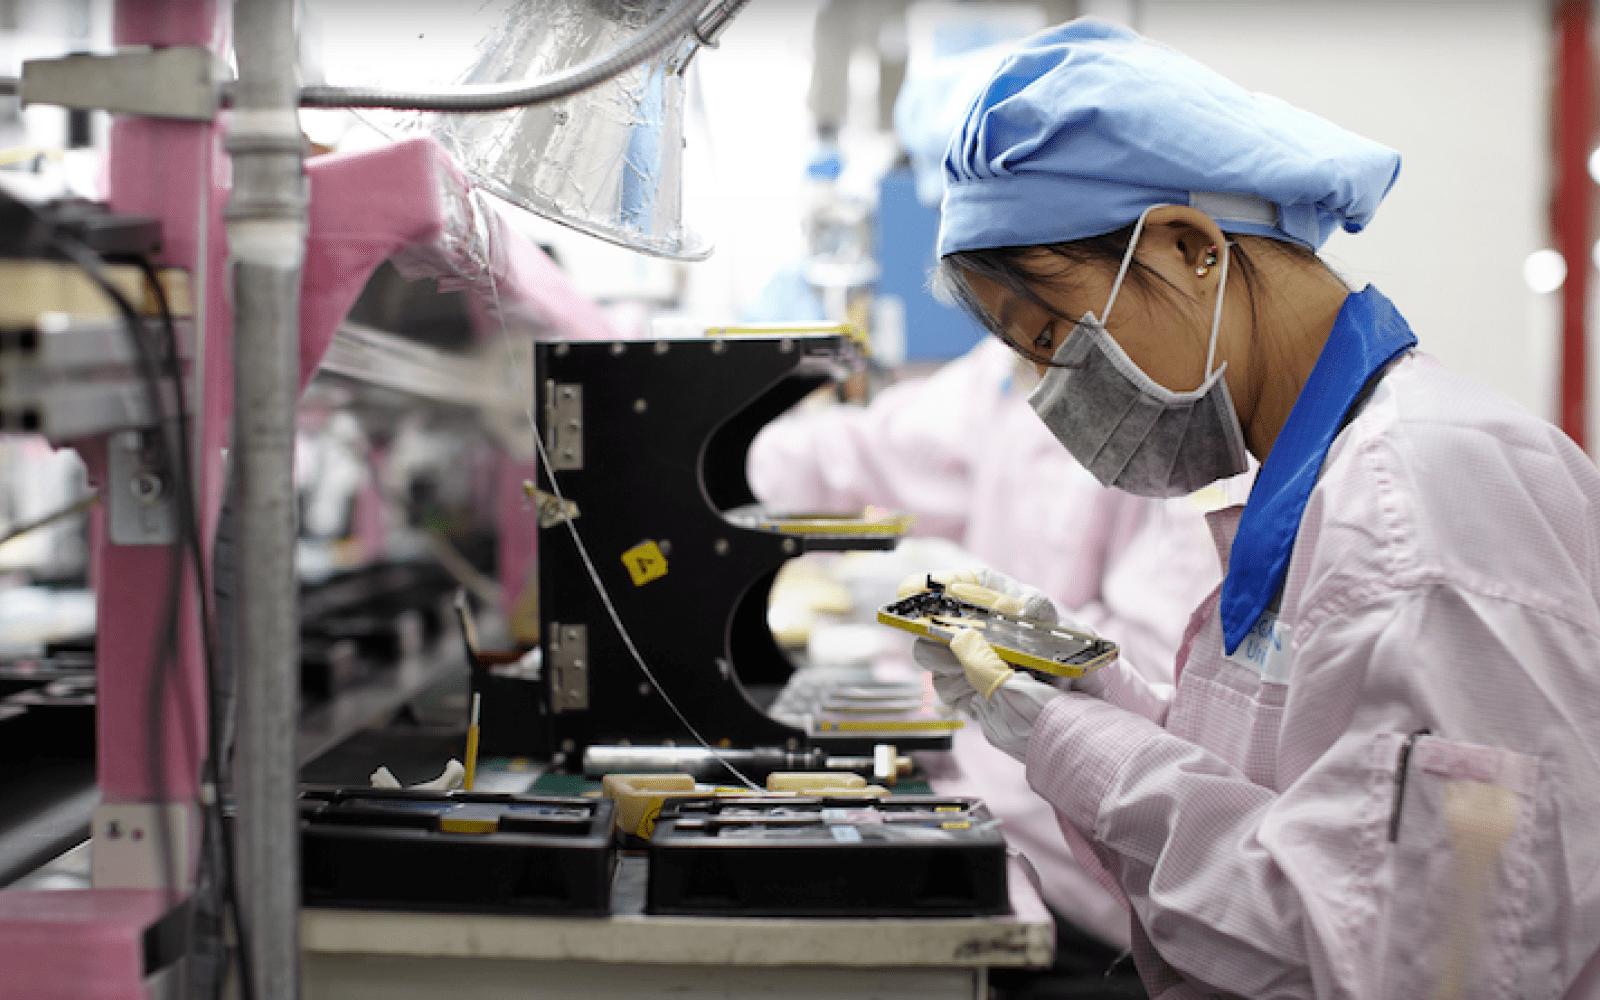 Đơn hàng lắp ráp linh kiện điện tử đi Nhật có ĐỘC HẠI không?